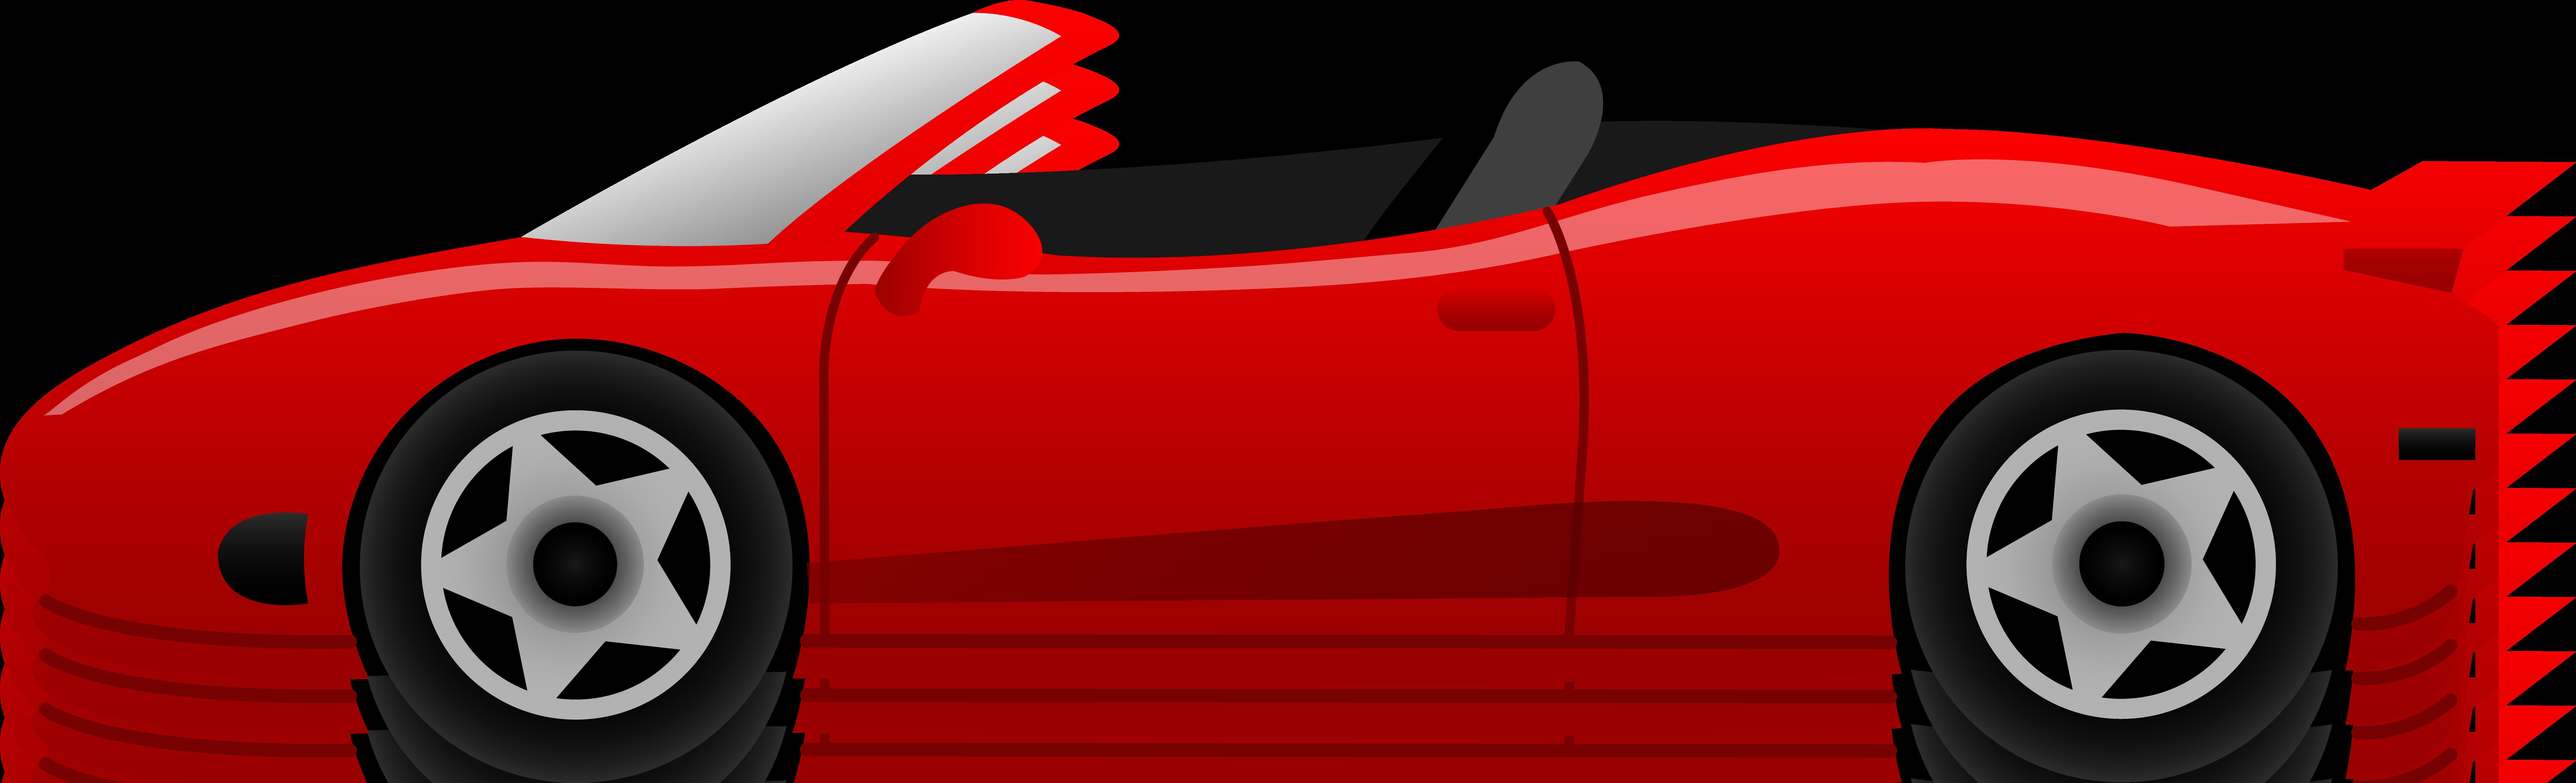 Cartoon Car Clip Art Free .-Cartoon car clip art free .-7